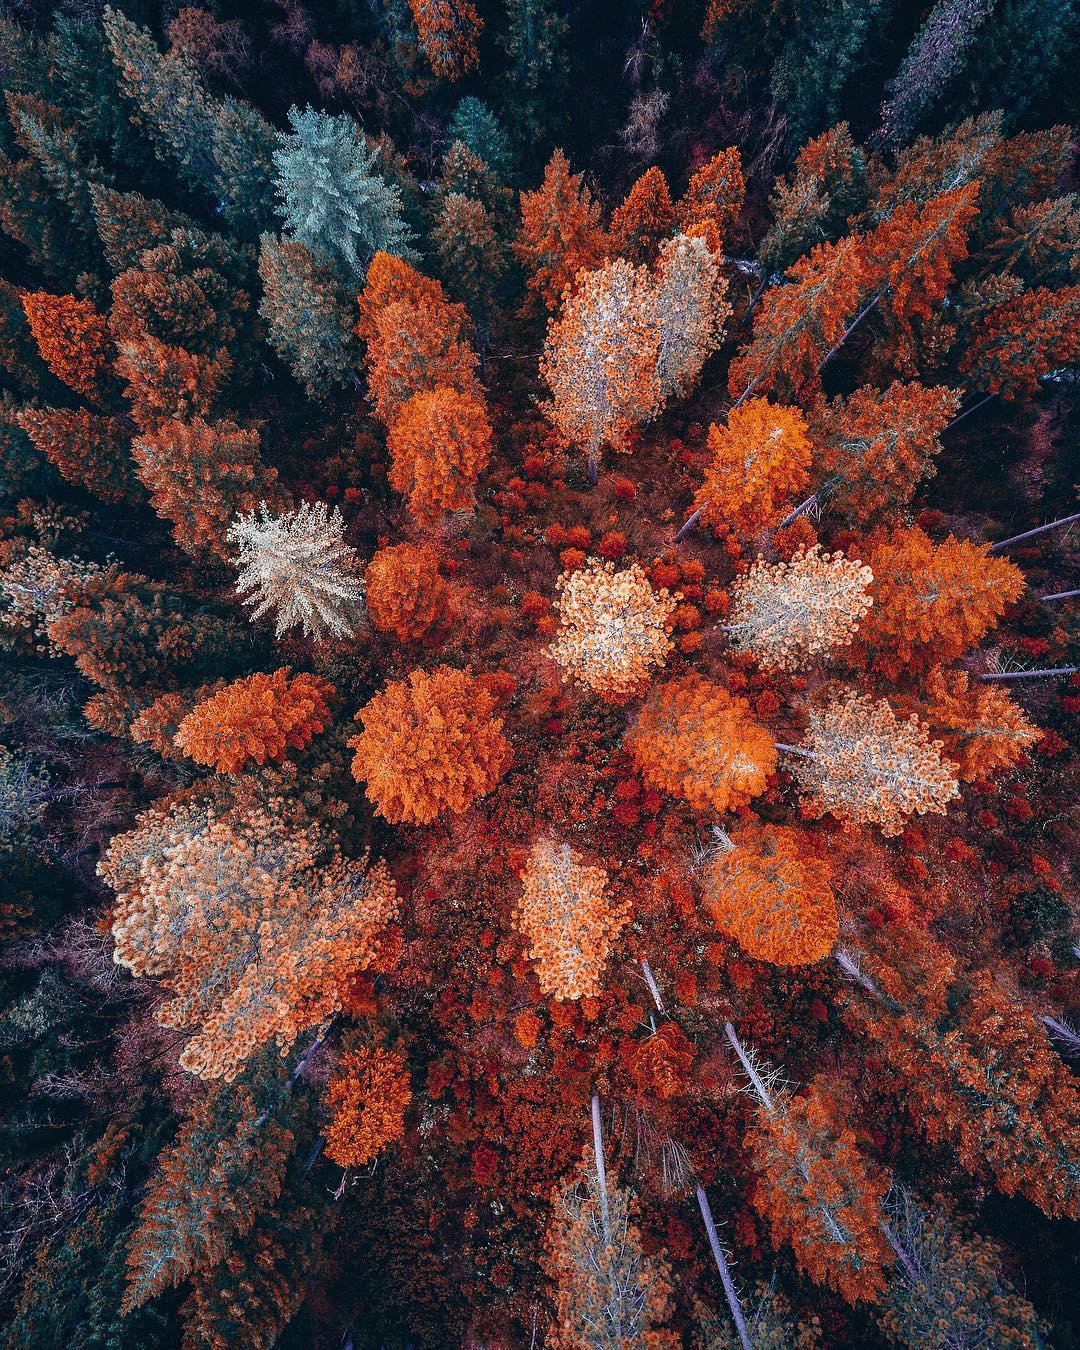 Замечательные аэрофотоснимки Ниаза Уддина людей, чтобы, вертолёта, самого, Уддин, вдохновить, высоты, цветовая, необычная, палитра, такая, —осознанный, выбор, является, отражением, собственного, поскольку, признанию, визитной, карточкой